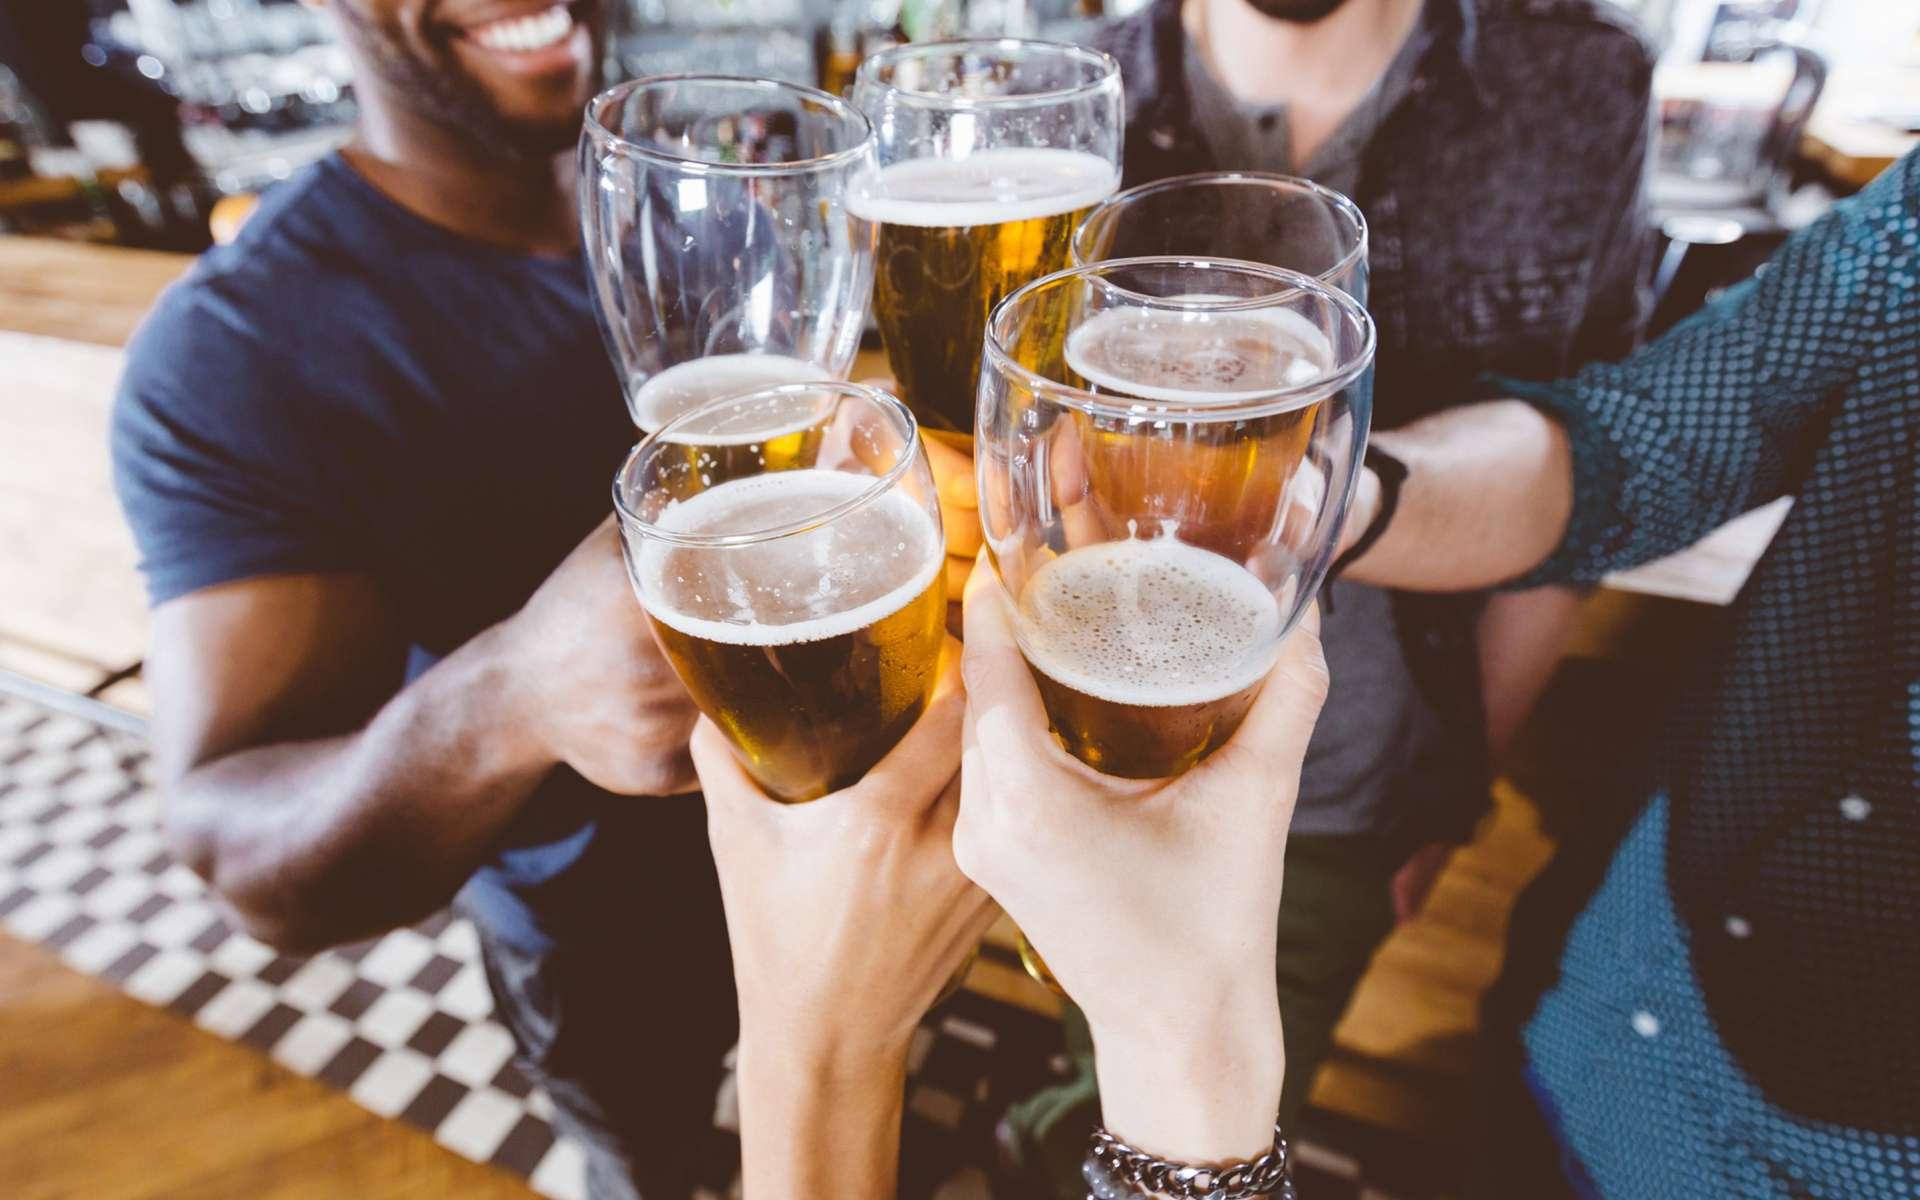 Les bières ultra-fortes, conditionnées en canette de 500 ml, incitent à la consommation d'alcool et sont une menace pour la santé des jeunes. © izusek, IStock.com